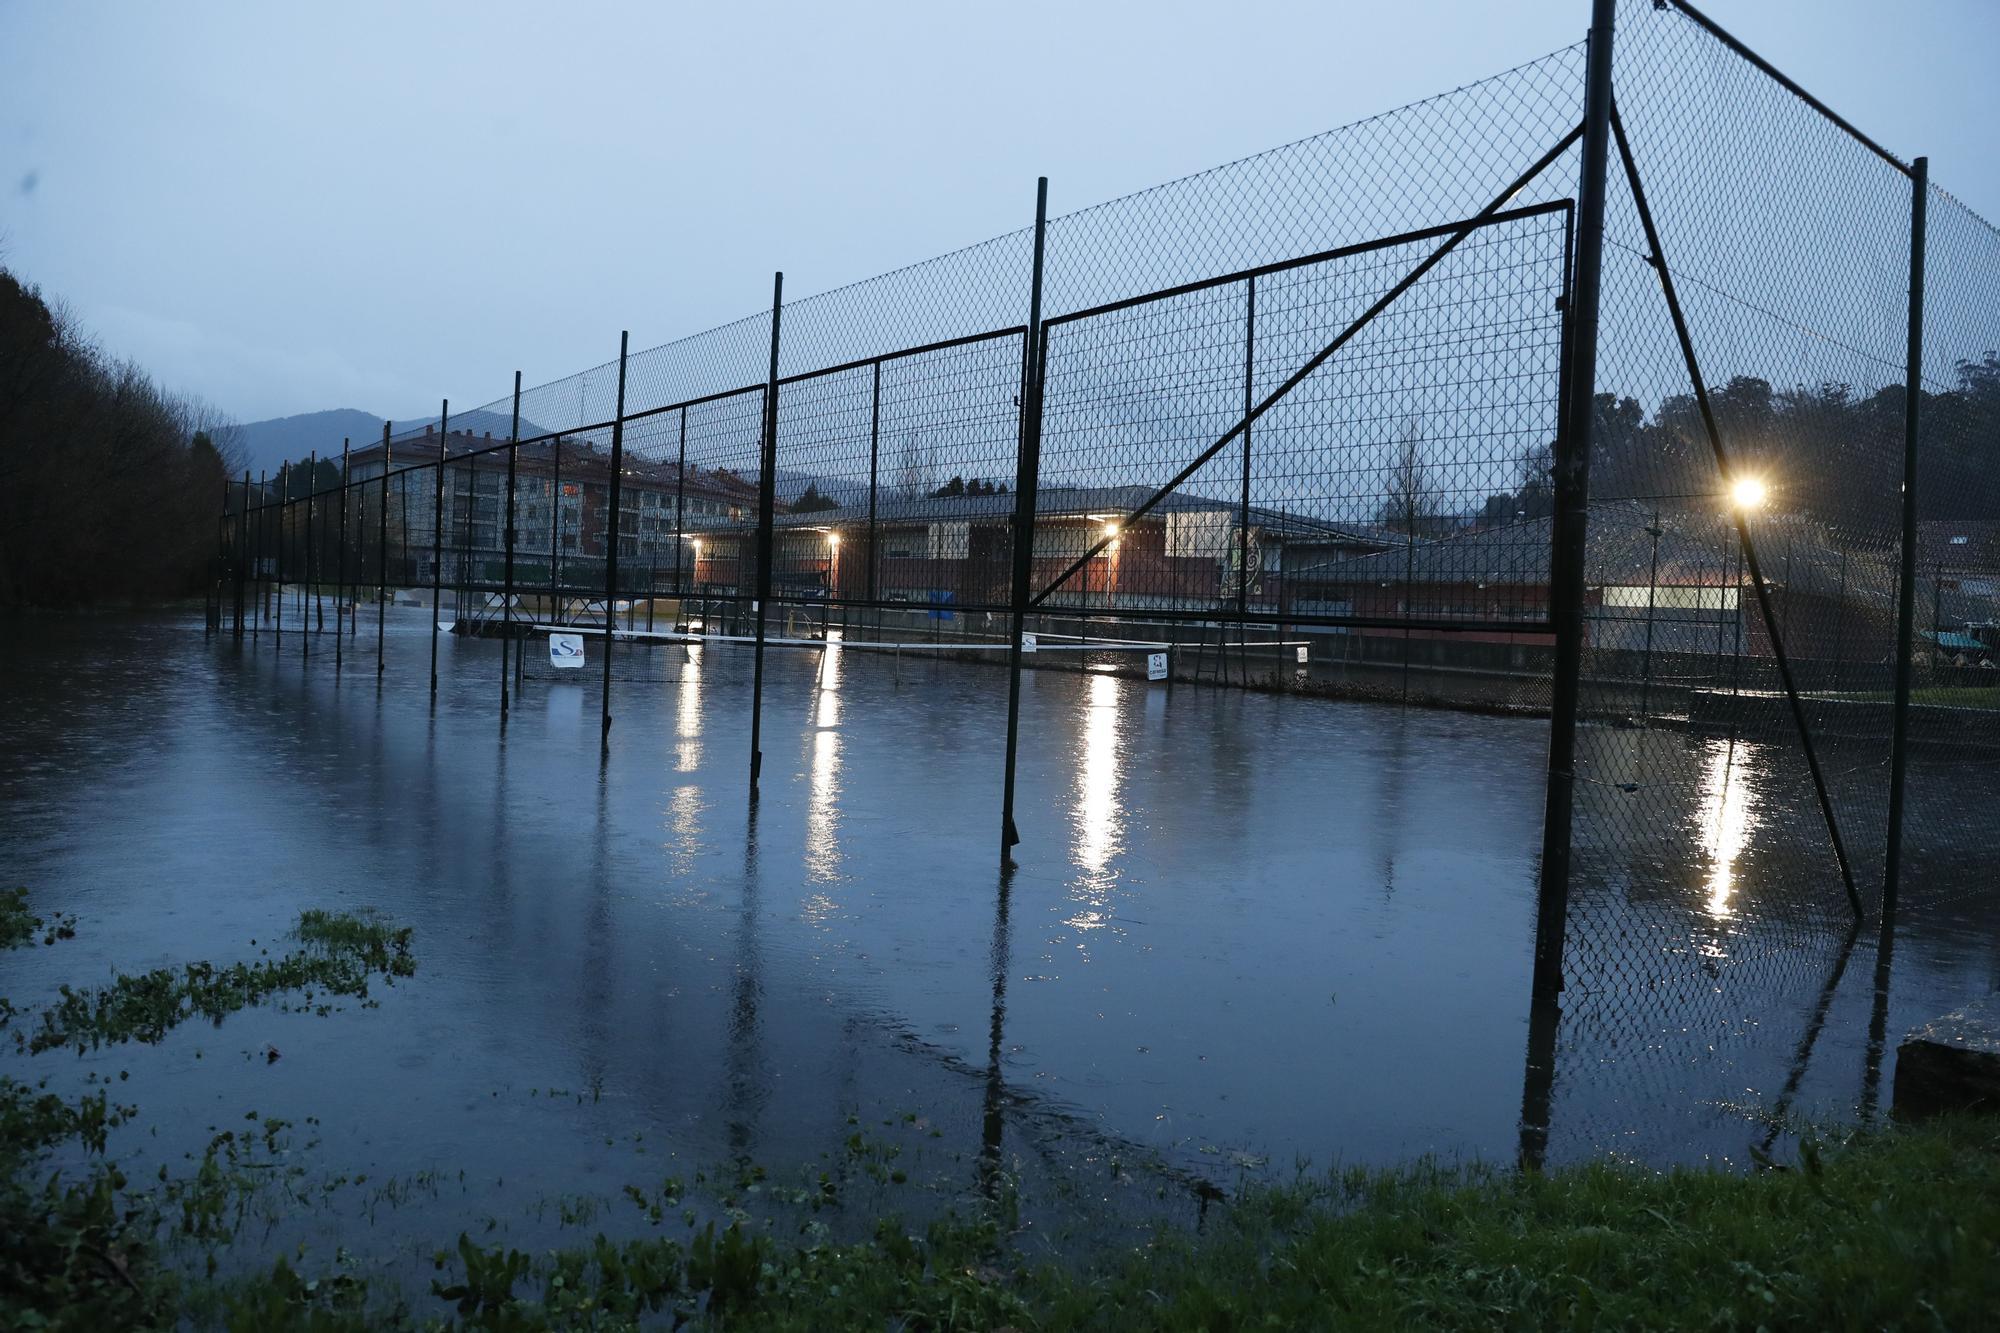 Las fuertes lluvias dejan inundaciones en Gondomar